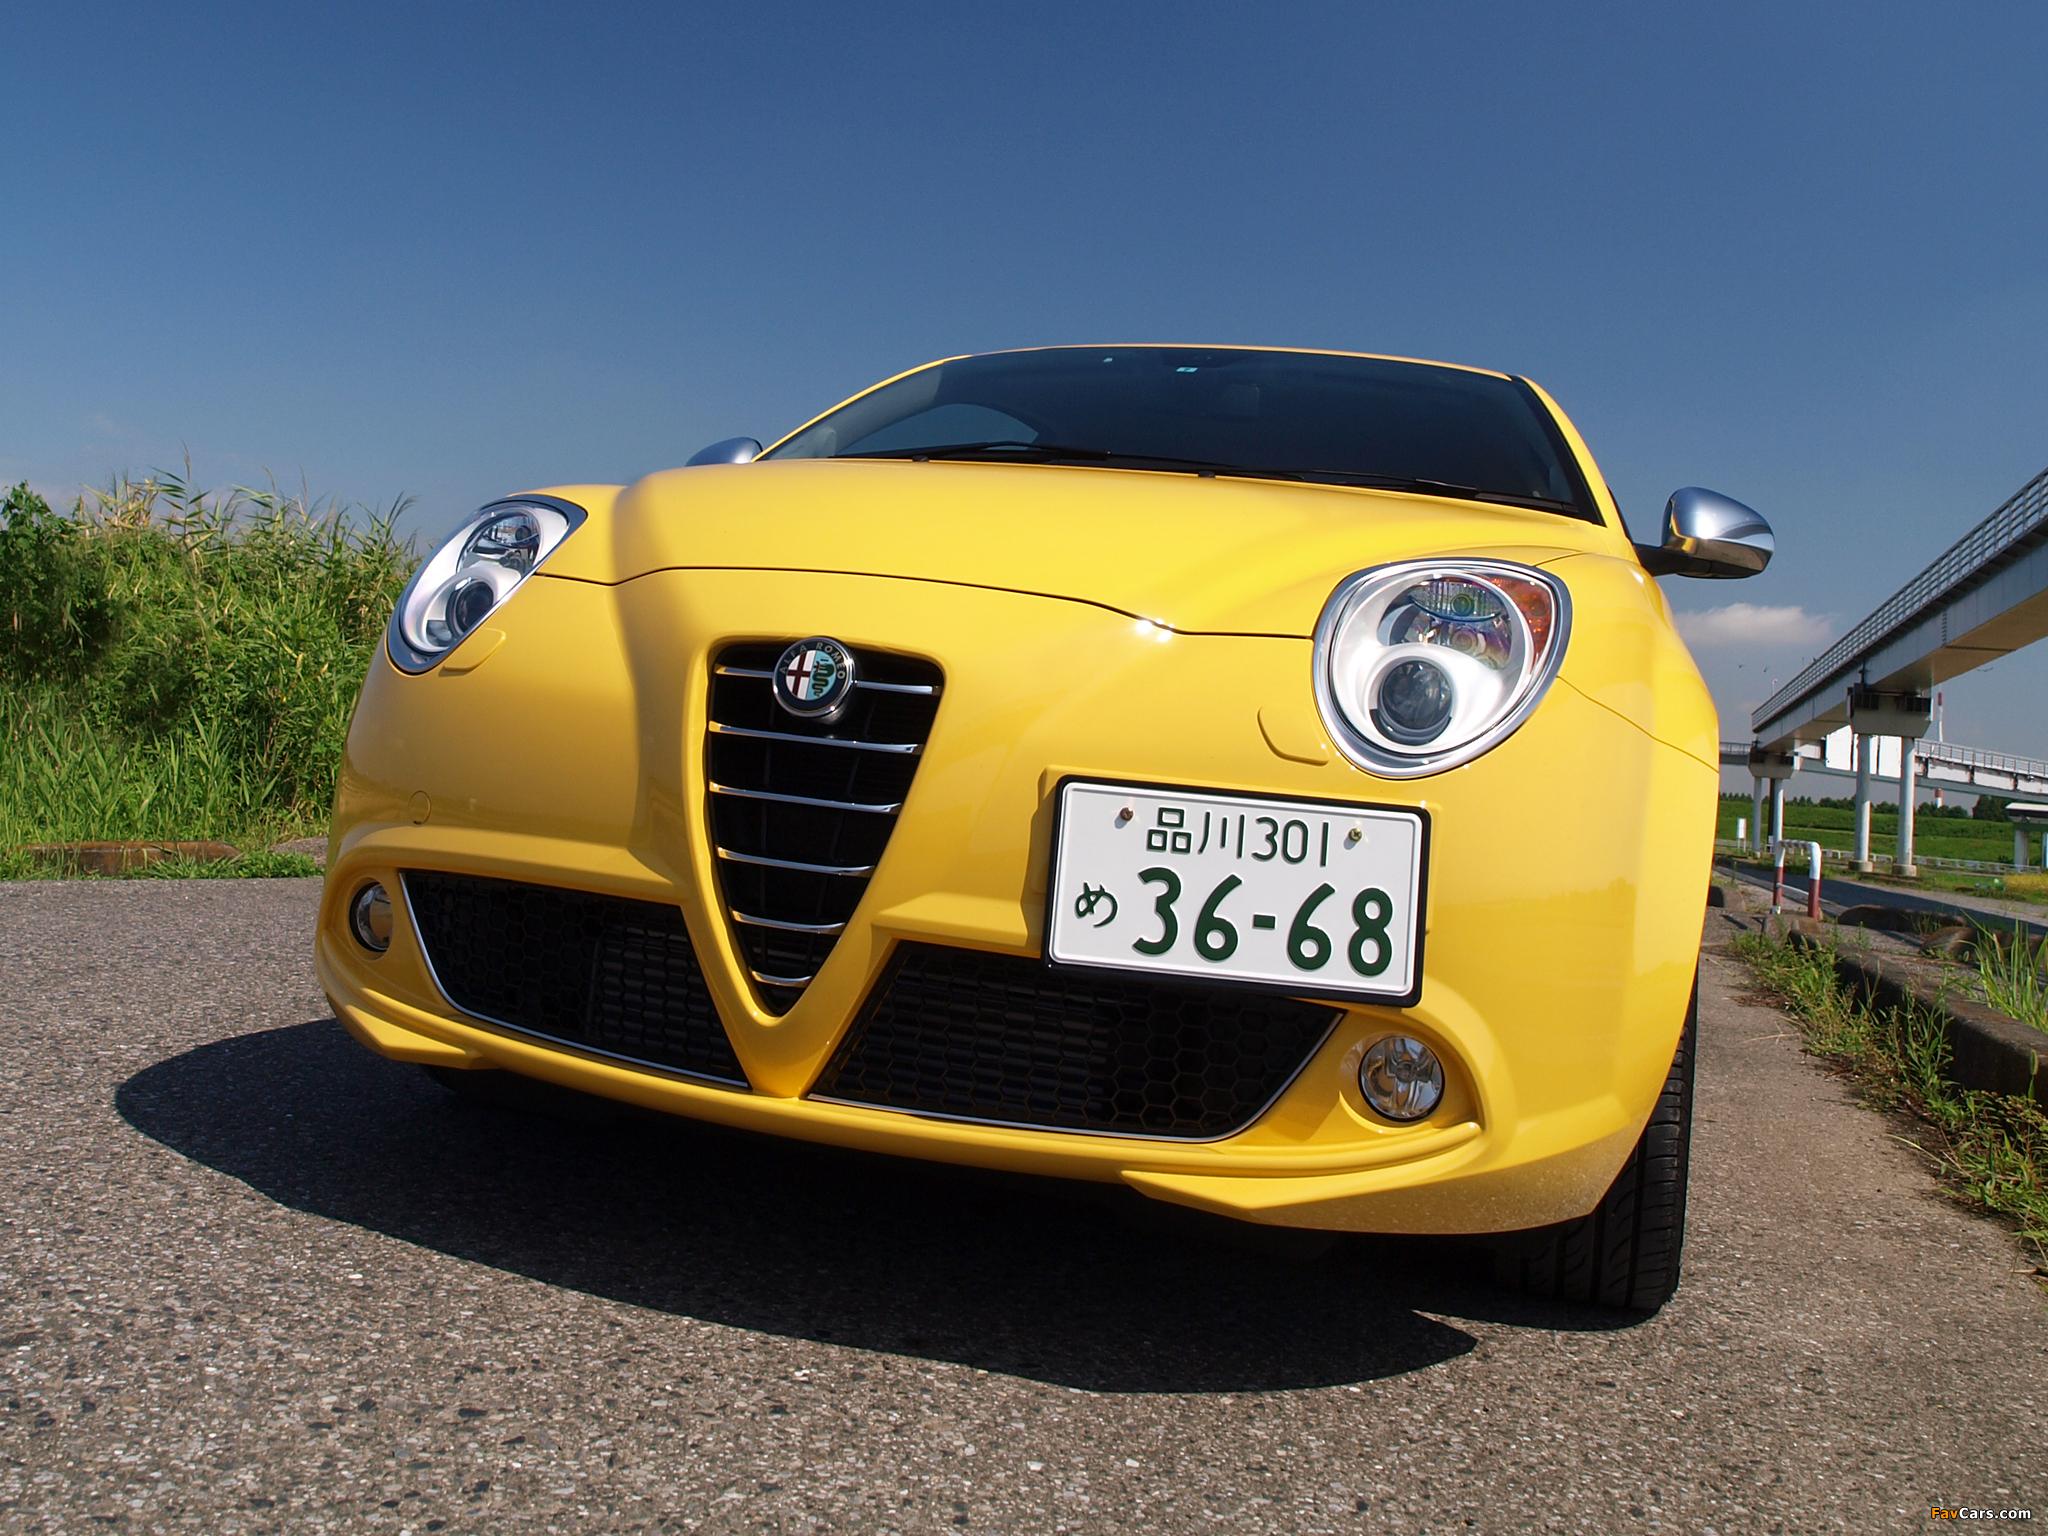 Alfa Romeo MiTo Imola 955 (2009) photos (2048 x 1536)